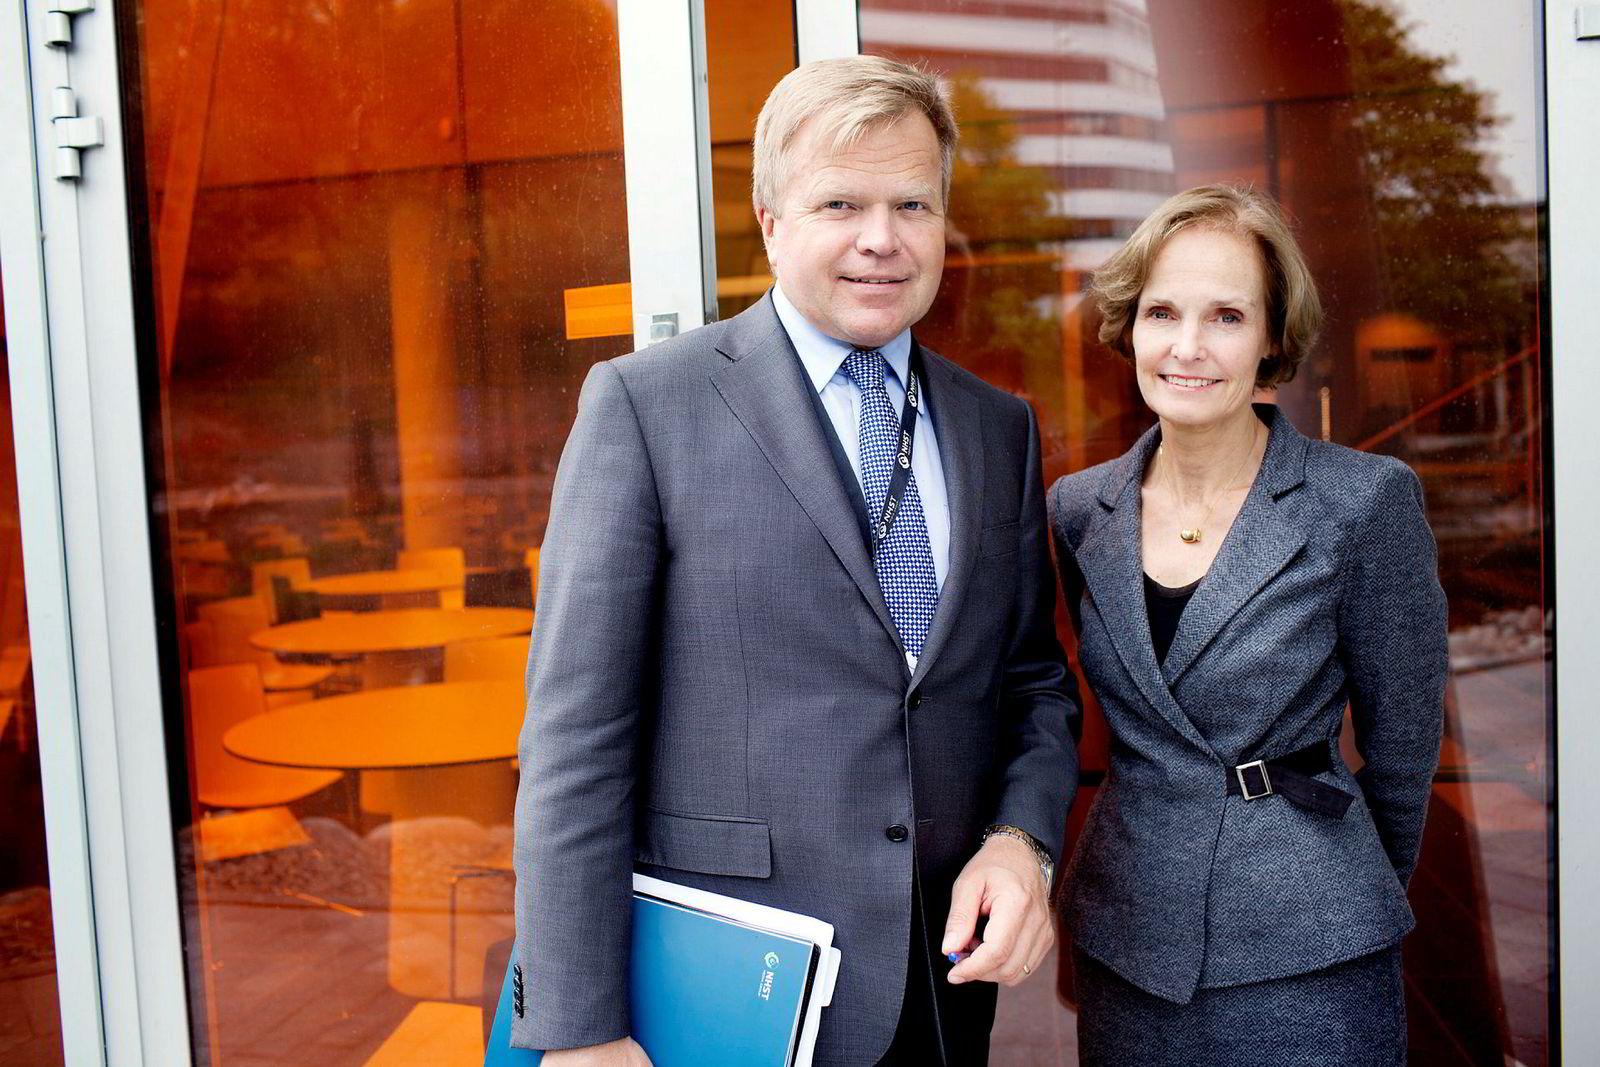 Gunnar Bjørkavåg og styret i NHST Media Group er blitt enige om at Gunnar Bjørkavåg fratrer sin stilling som konsernsjef for NHST Media Group 1. februar 2018. Her er han sammen med styreleder i NHST, Anette Olsen.